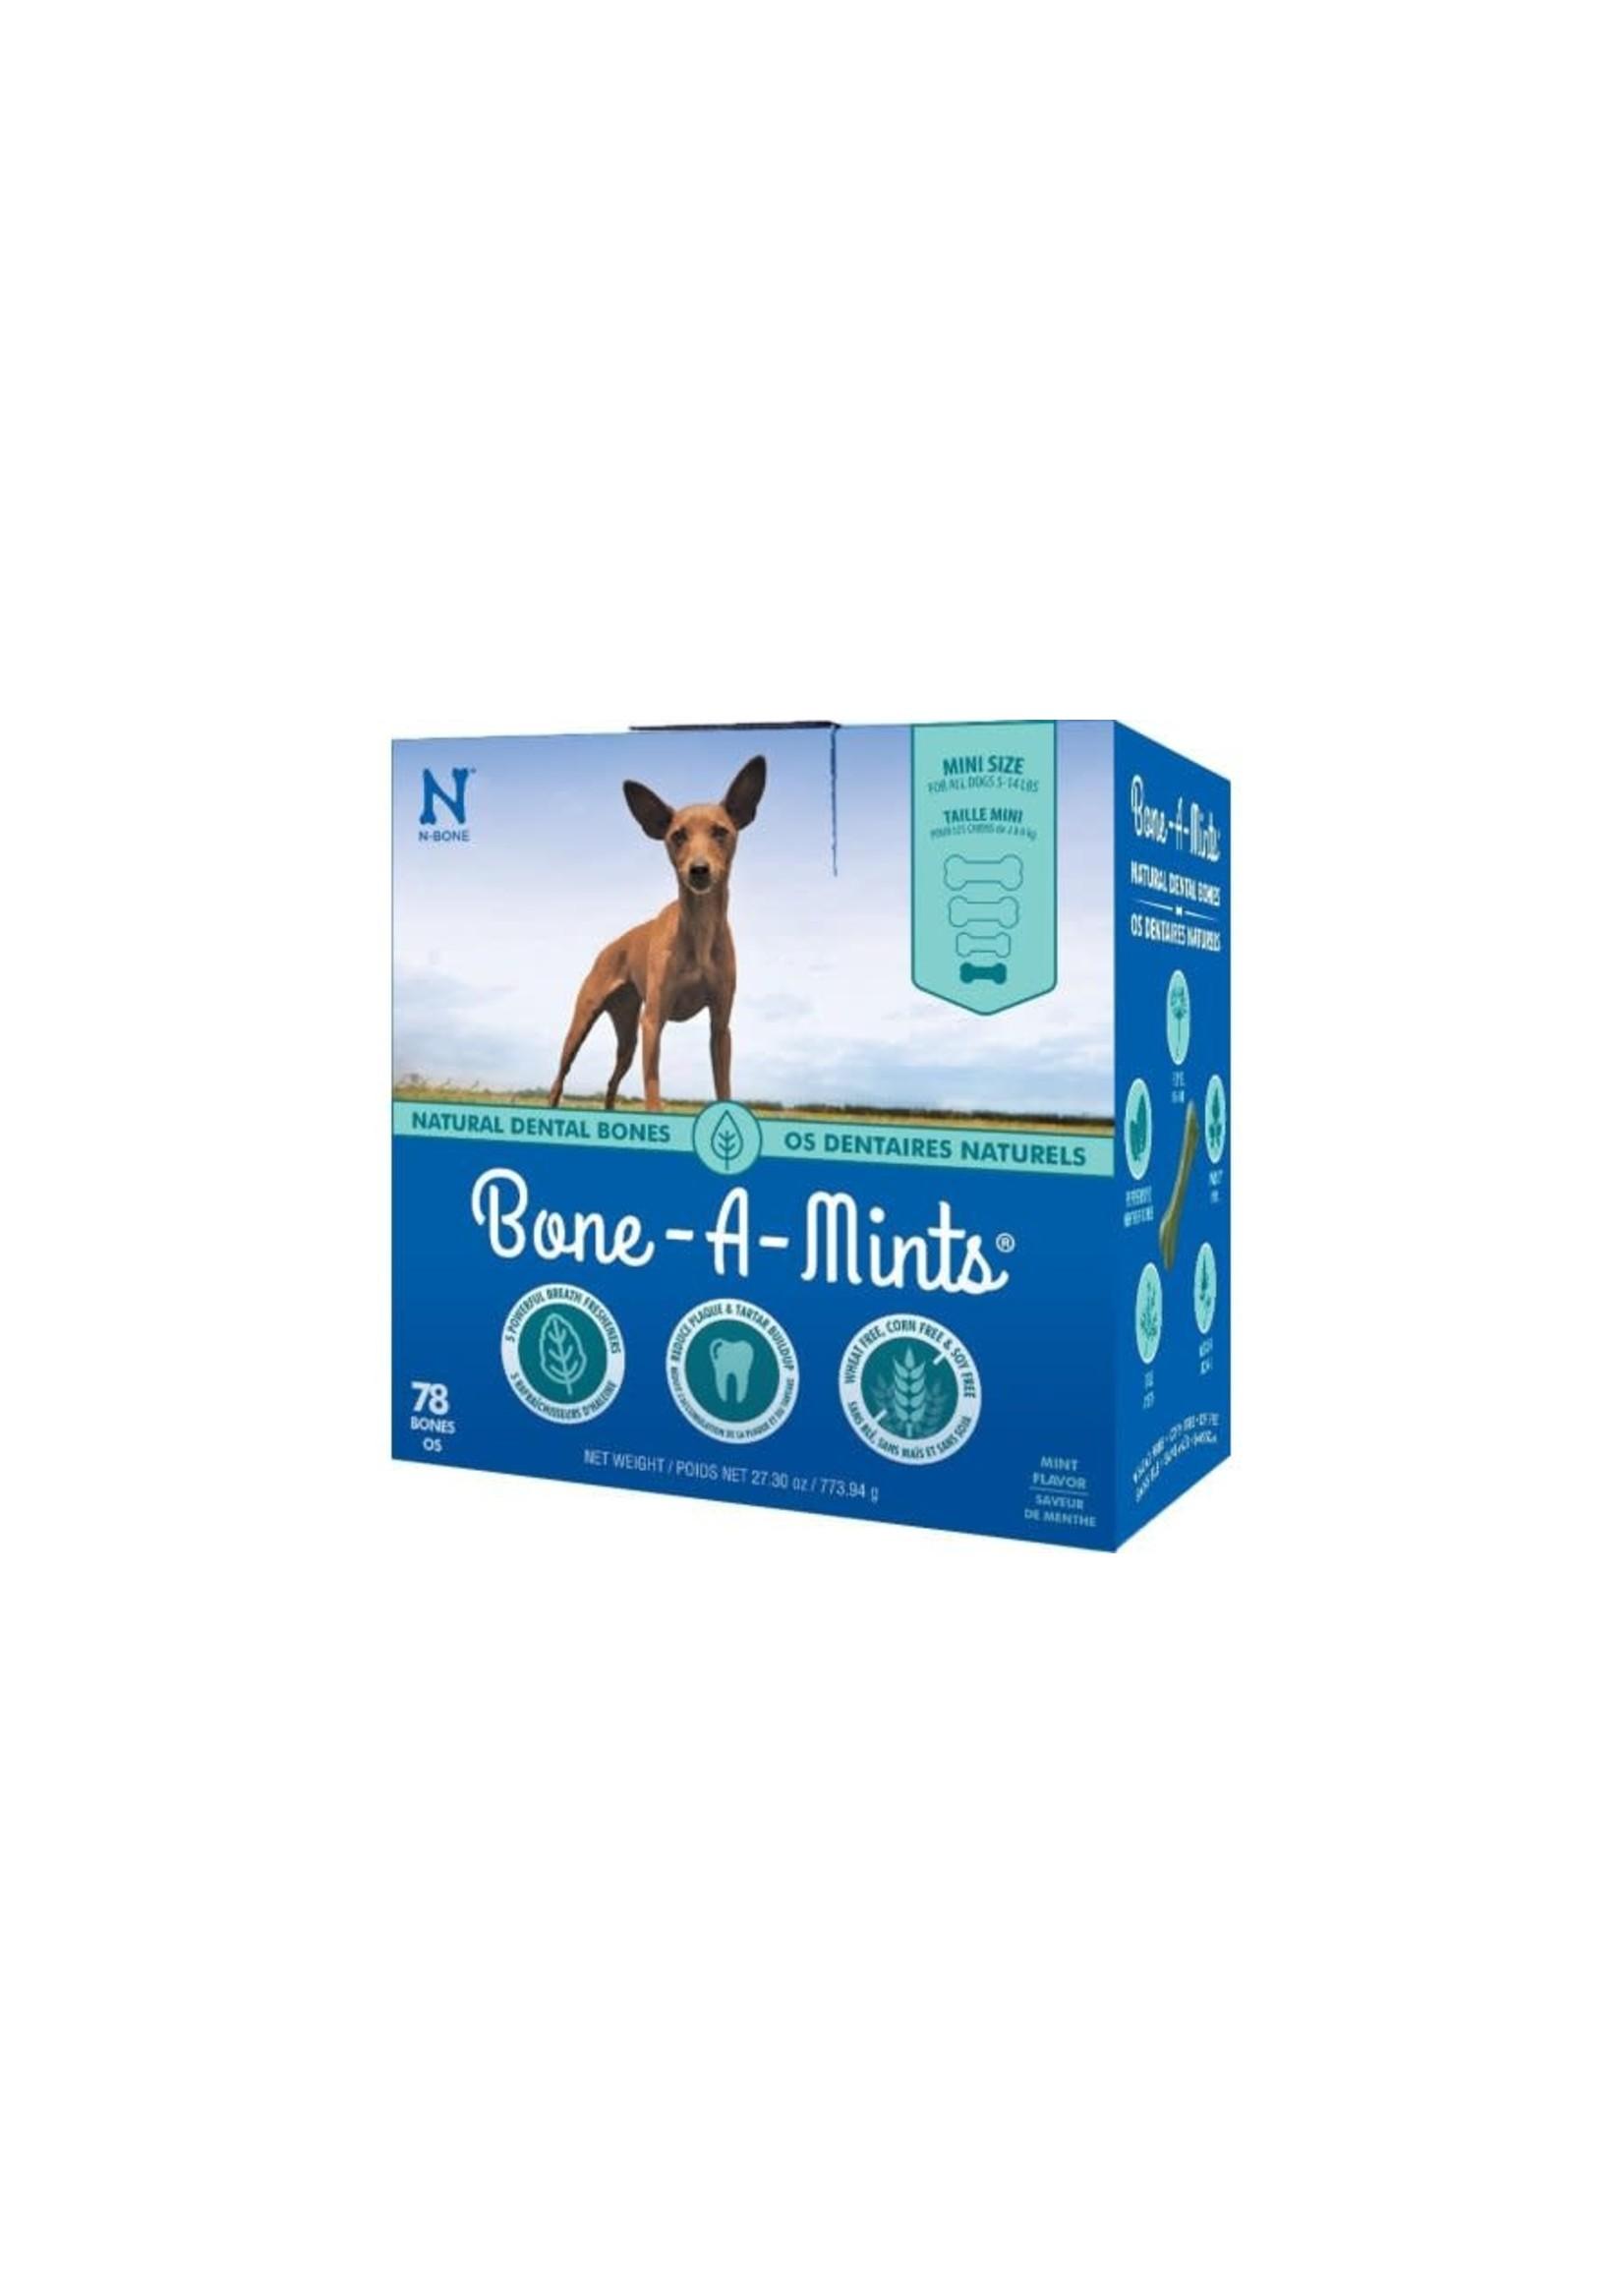 Bone-A-Mints Bone-a-Mints mini 78 un ,27.3oz